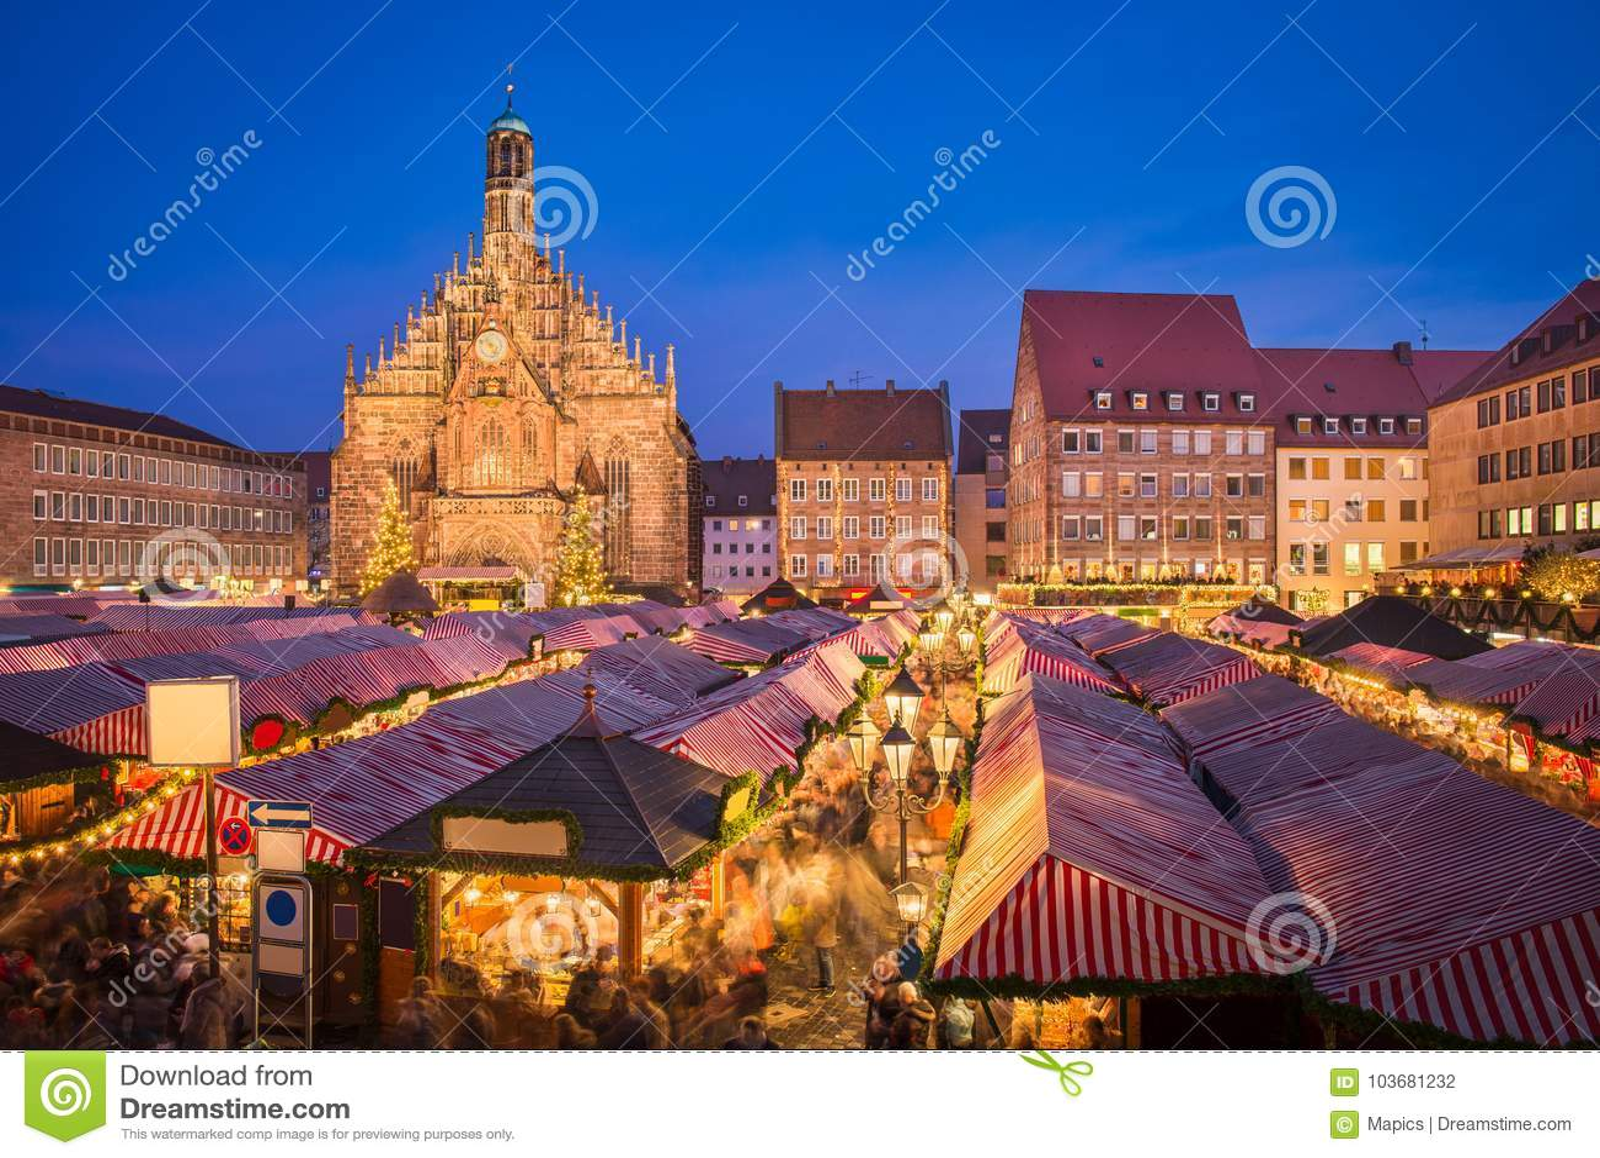 Julmarknad i Nuremberg, Tyskland